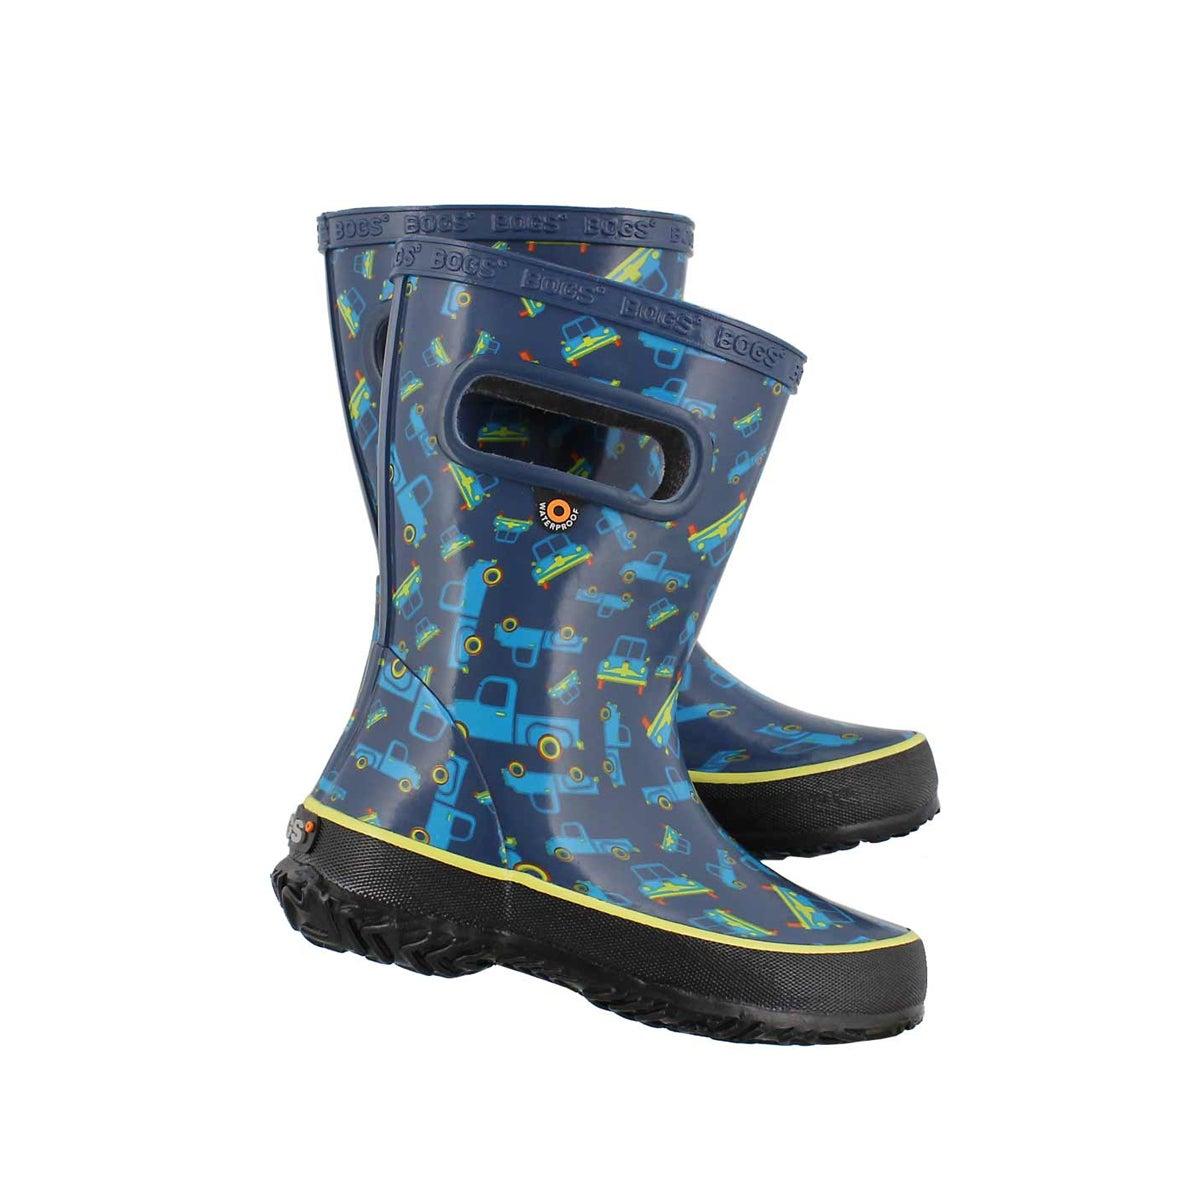 Inf-b Skipper Trucks blu mlti rain boot